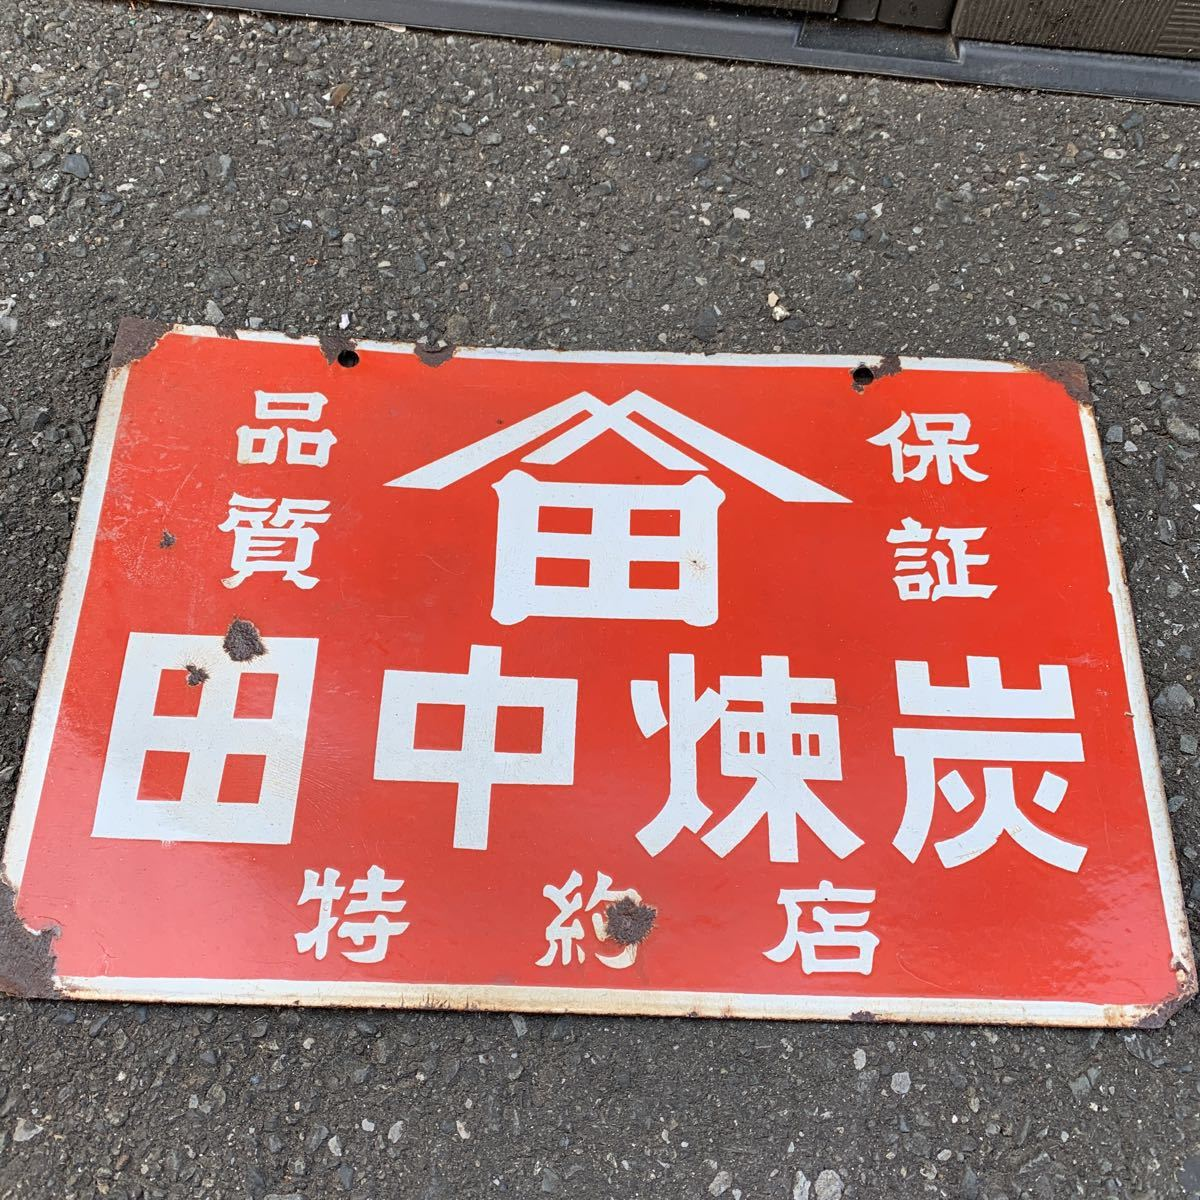 昭和レトロ★琺瑯看板★品質保証★田中練炭★特約店_画像1